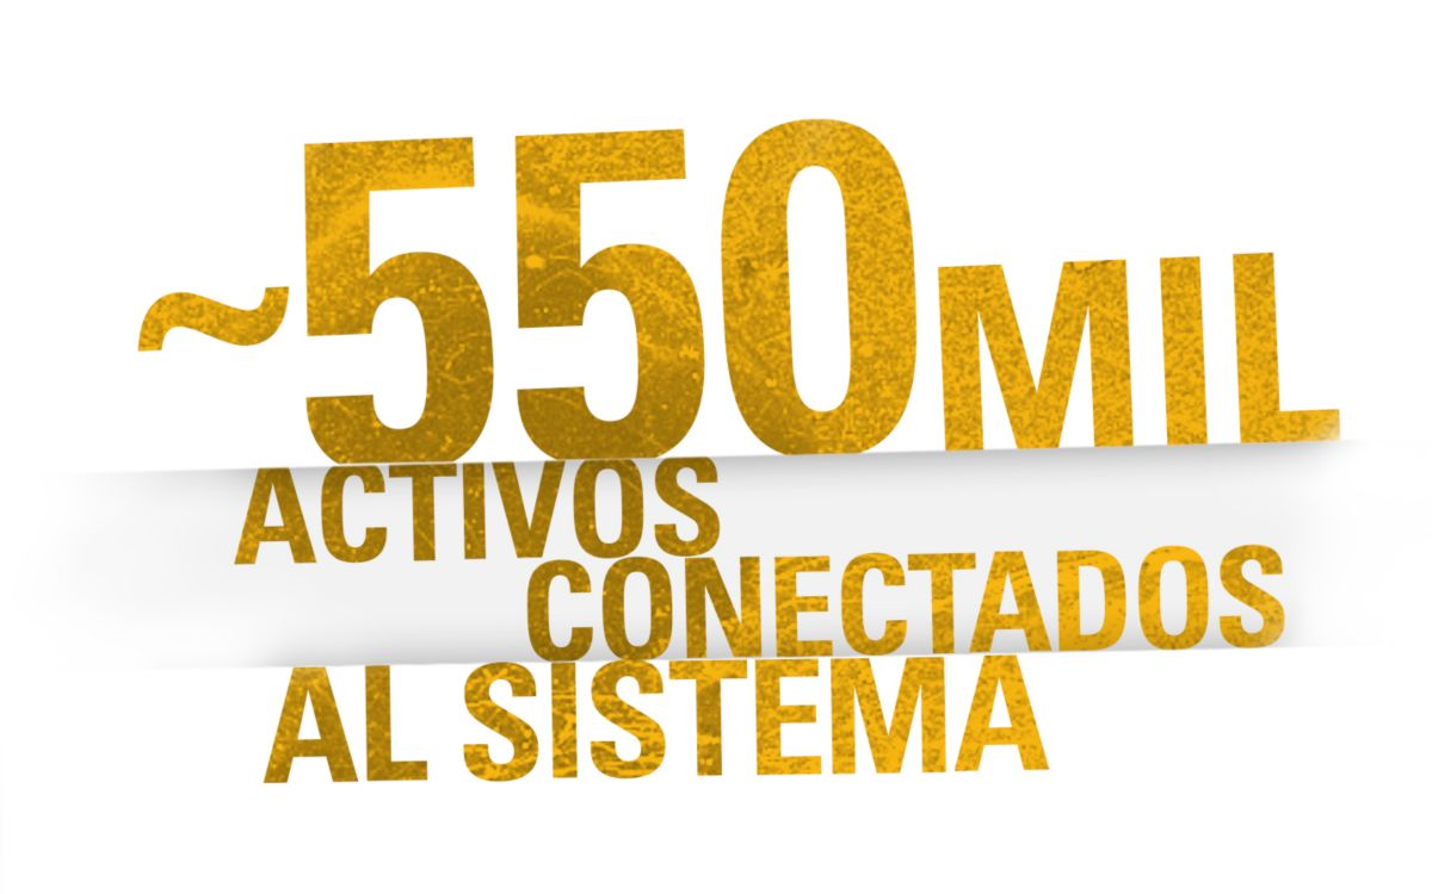 ~550 MIL ACTIVOS CONECTADOS AL SISTEMA